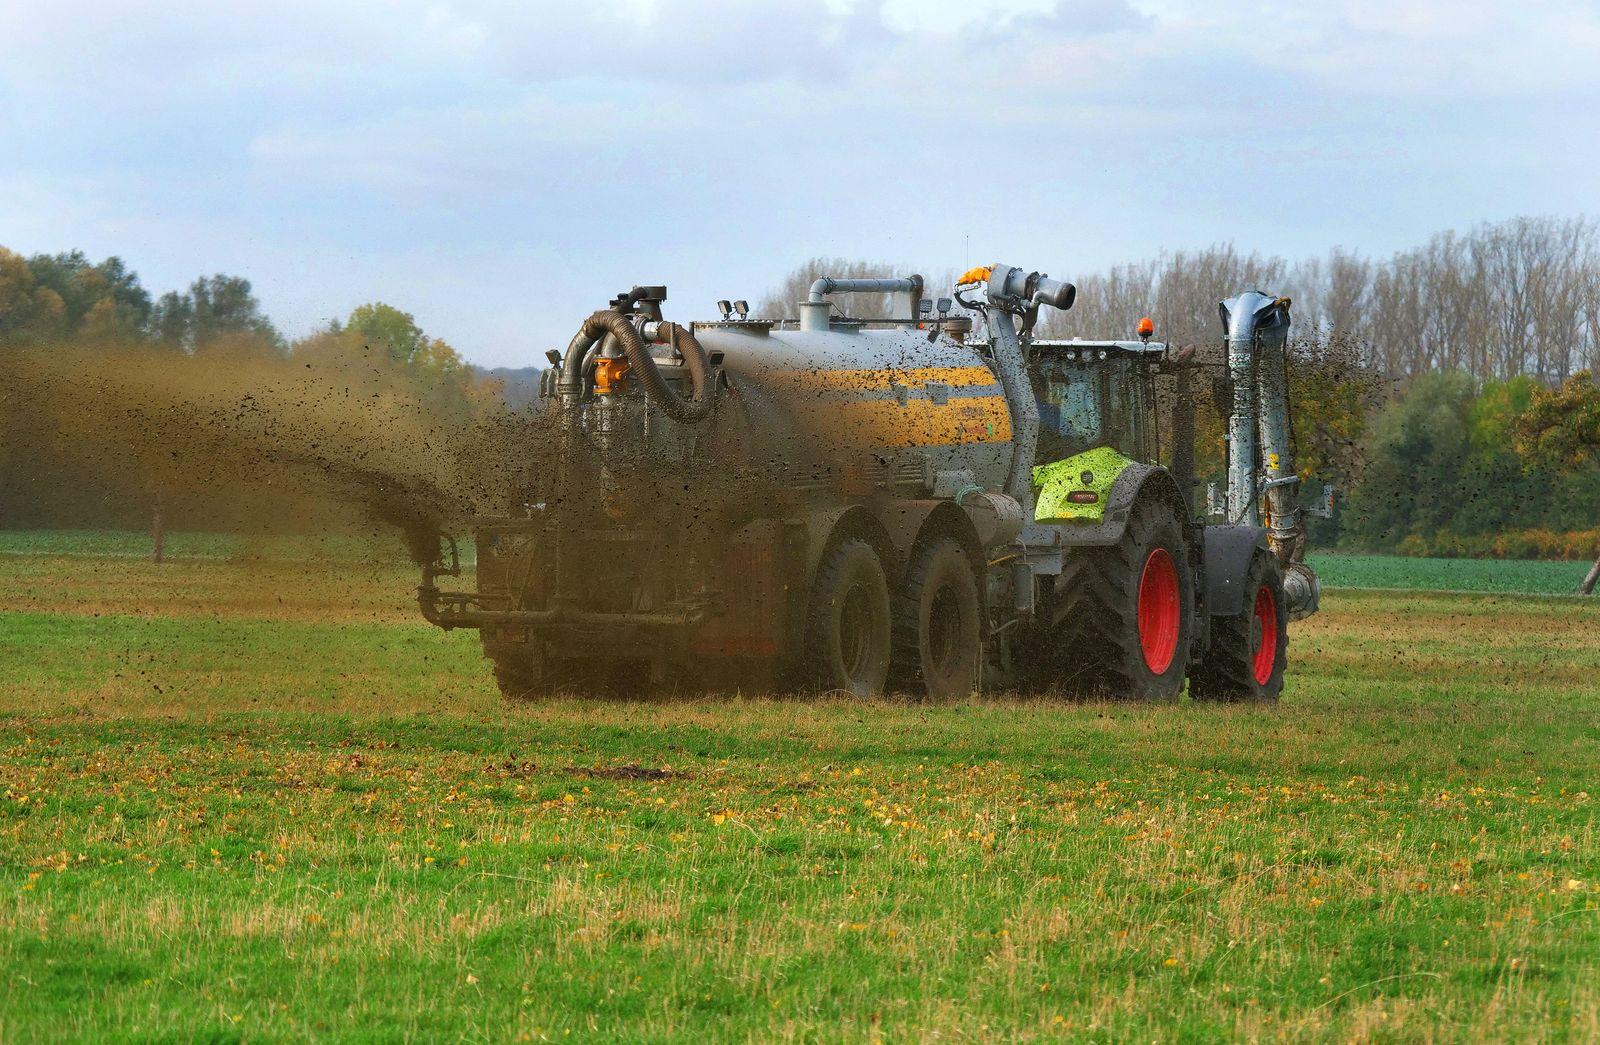 u.B.z. Auf einem Acker in Schauen am Harz in Sachsen-Anhalt, bringt ein Landwirt per Guellefass mit Schwenkverteiler Ga